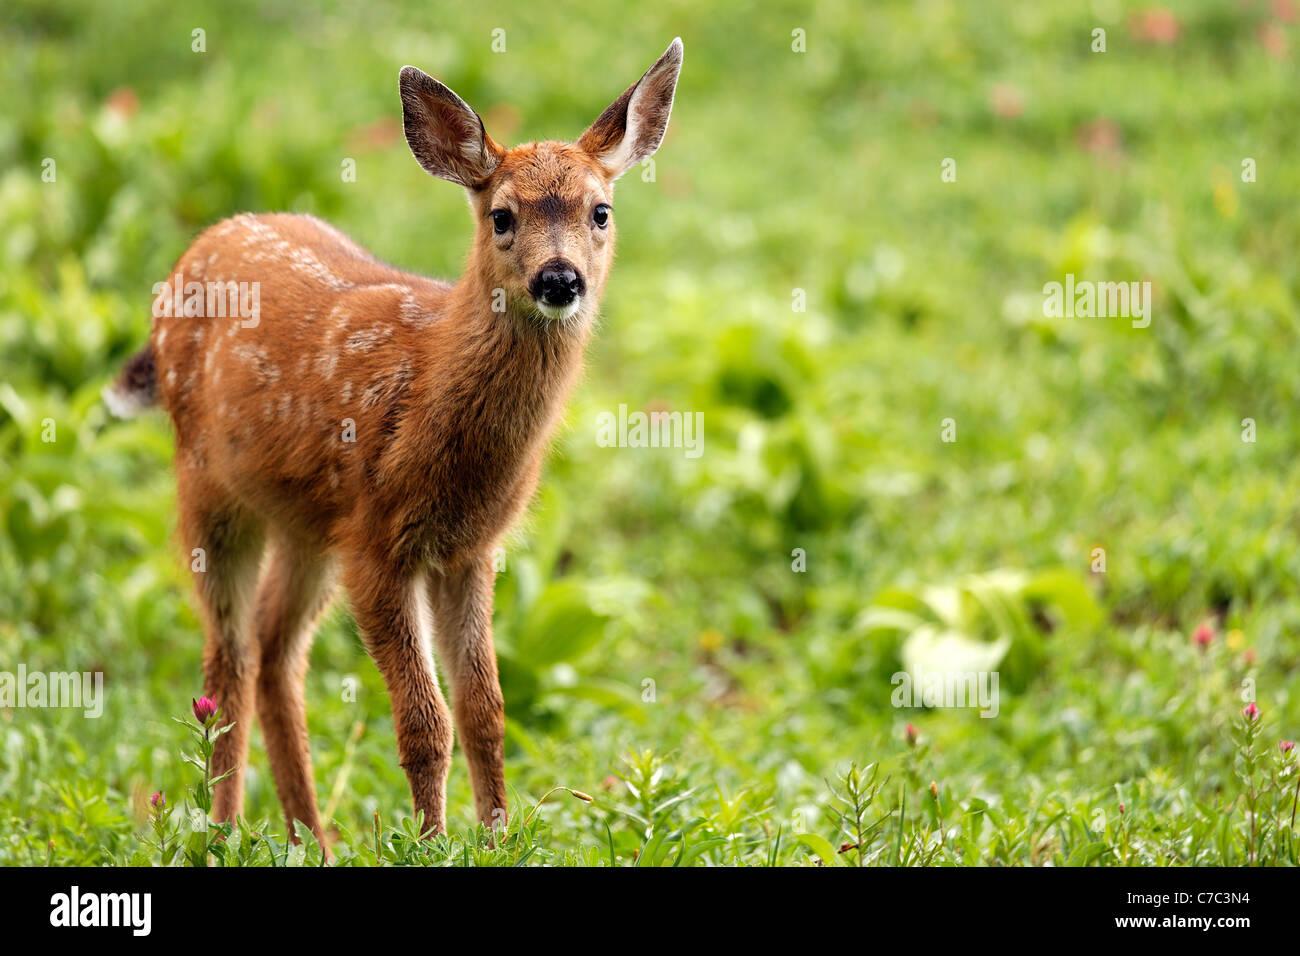 Blacktail deer fawn, Paradise, il Parco Nazionale del Monte Rainier, Washington, Stati Uniti d'America Immagini Stock